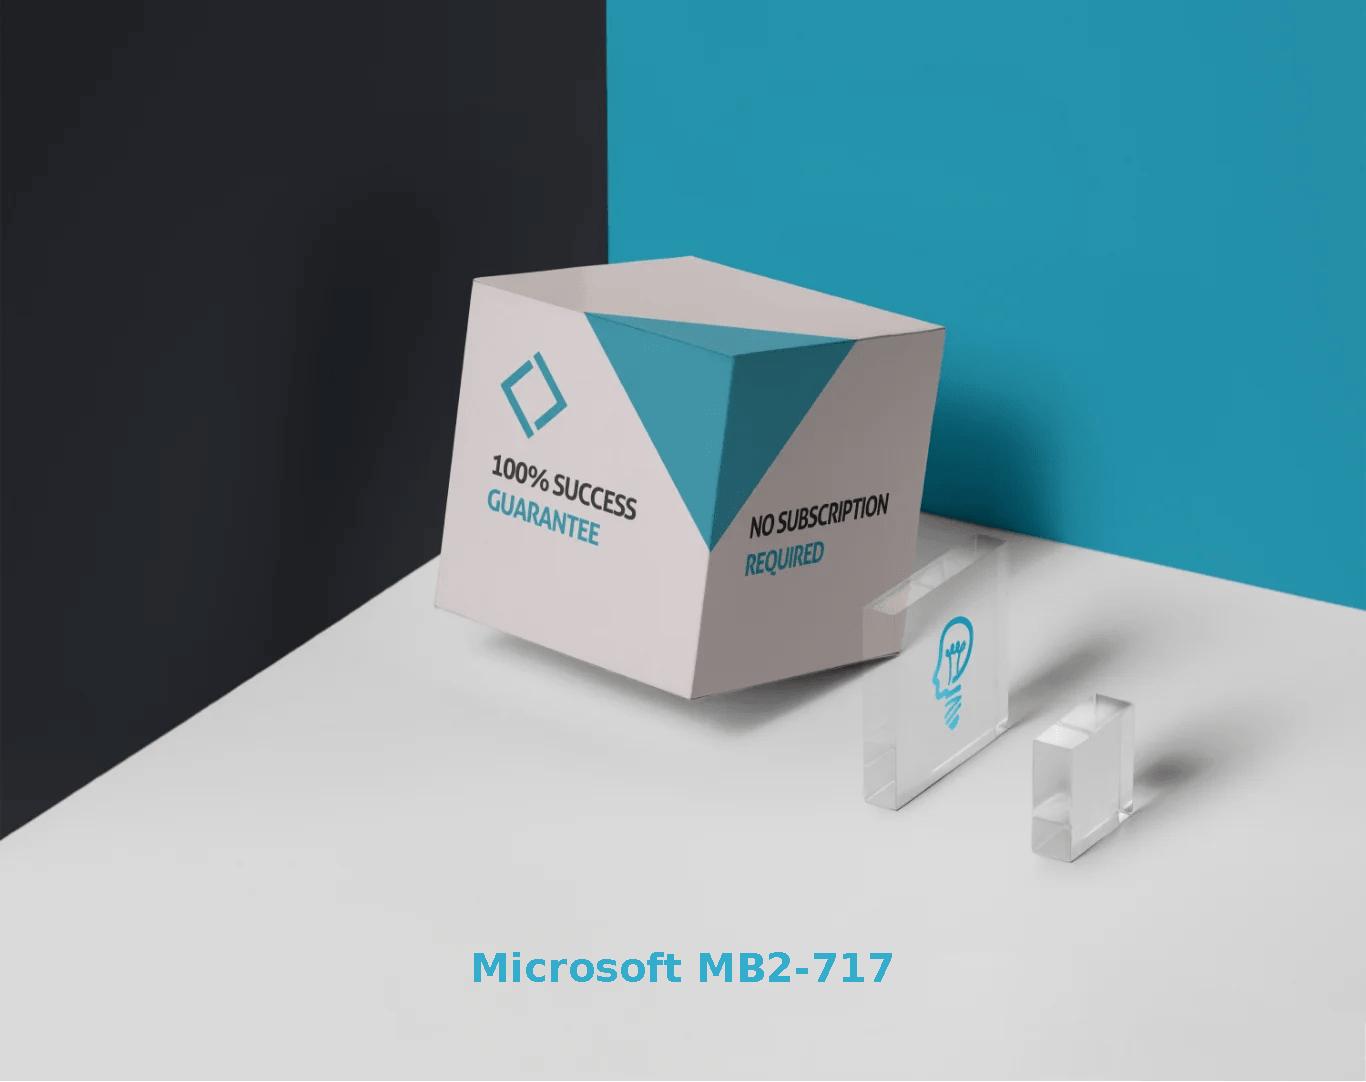 MB2-717 Dumps